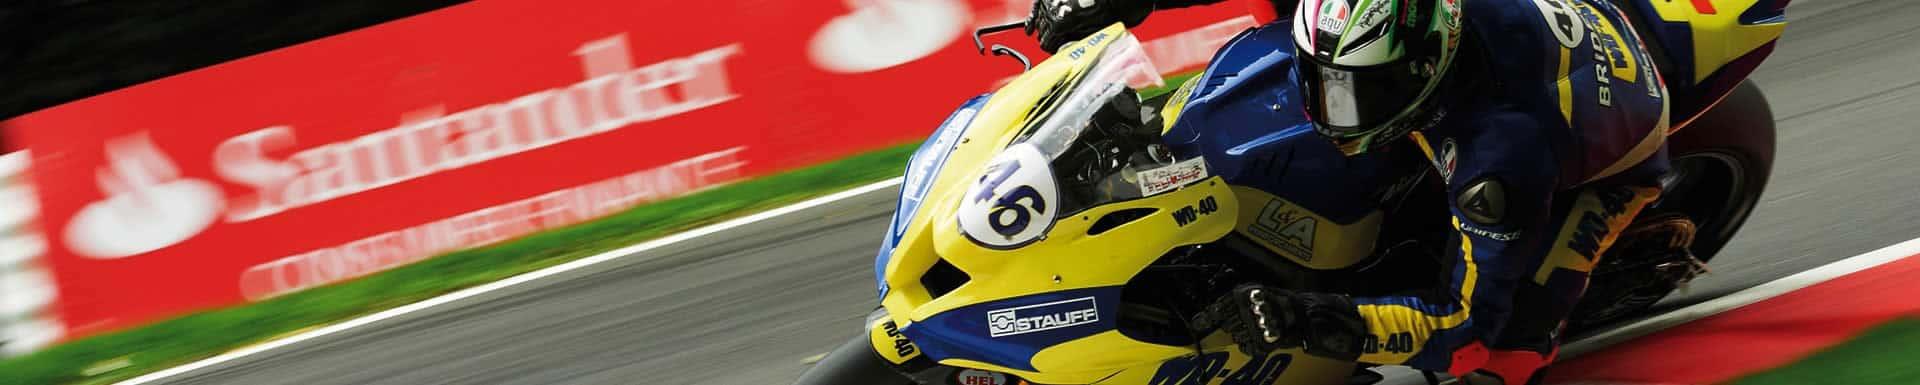 wd 40 specialist motorbike header